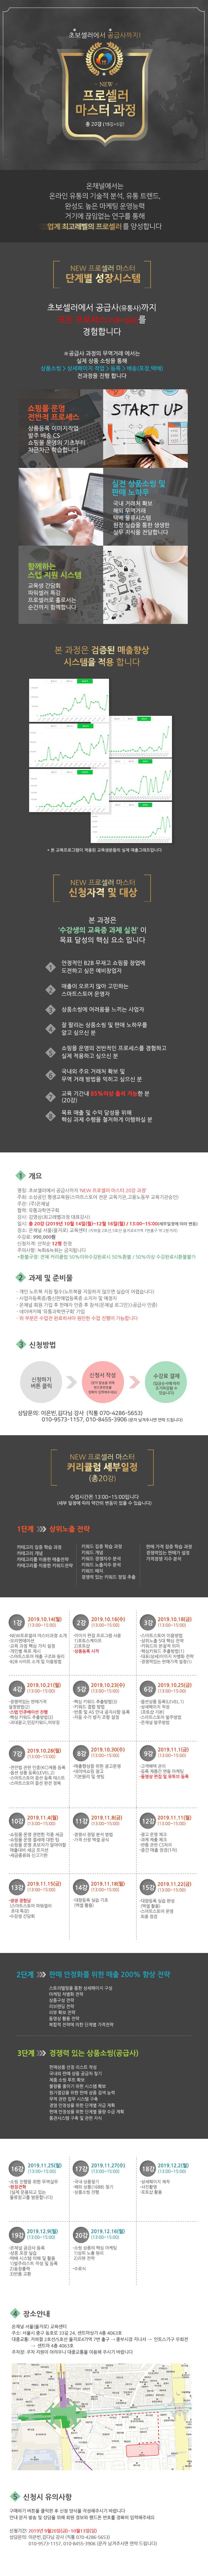 사본 -191014 경인 프로셀러마스터 20강과정.png